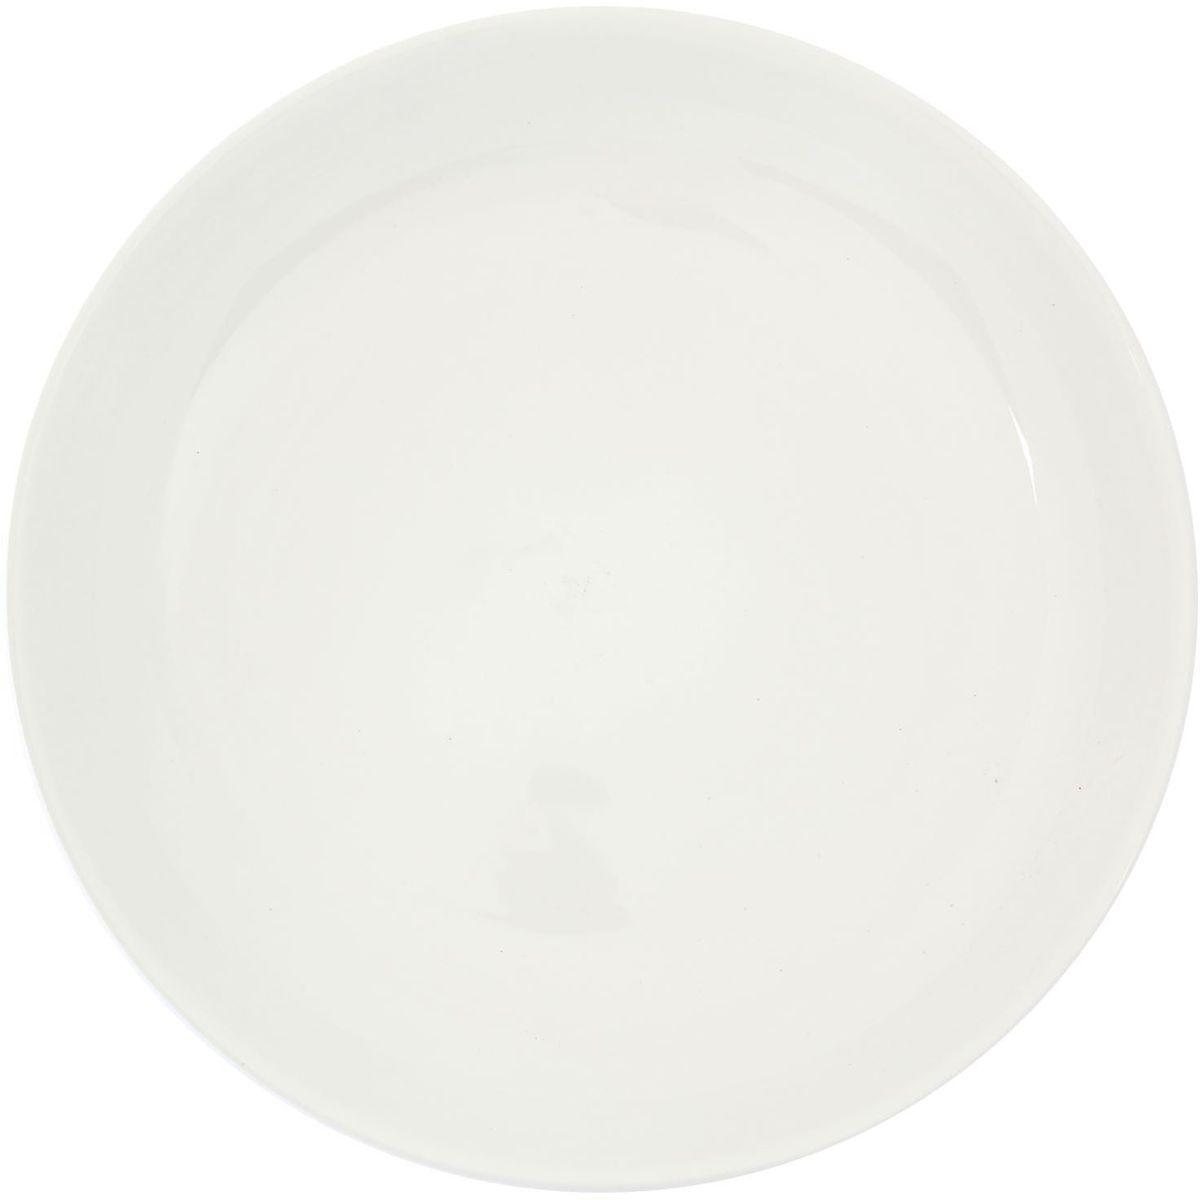 Ляган Turon Porcelain Классика, диаметр 25 см2367902Узбекская посуда известна всему миру уже более тысячи лет. Ей любовались царские особы, на ней подавали еду для шейхов и знатных персон. Ляган Turon Porcelain Классика подойдет для повседневной и праздничной сервировки. Дополните стол текстилем и салфетками в тон, чтобы получить элегантное убранство с яркими акцентами.